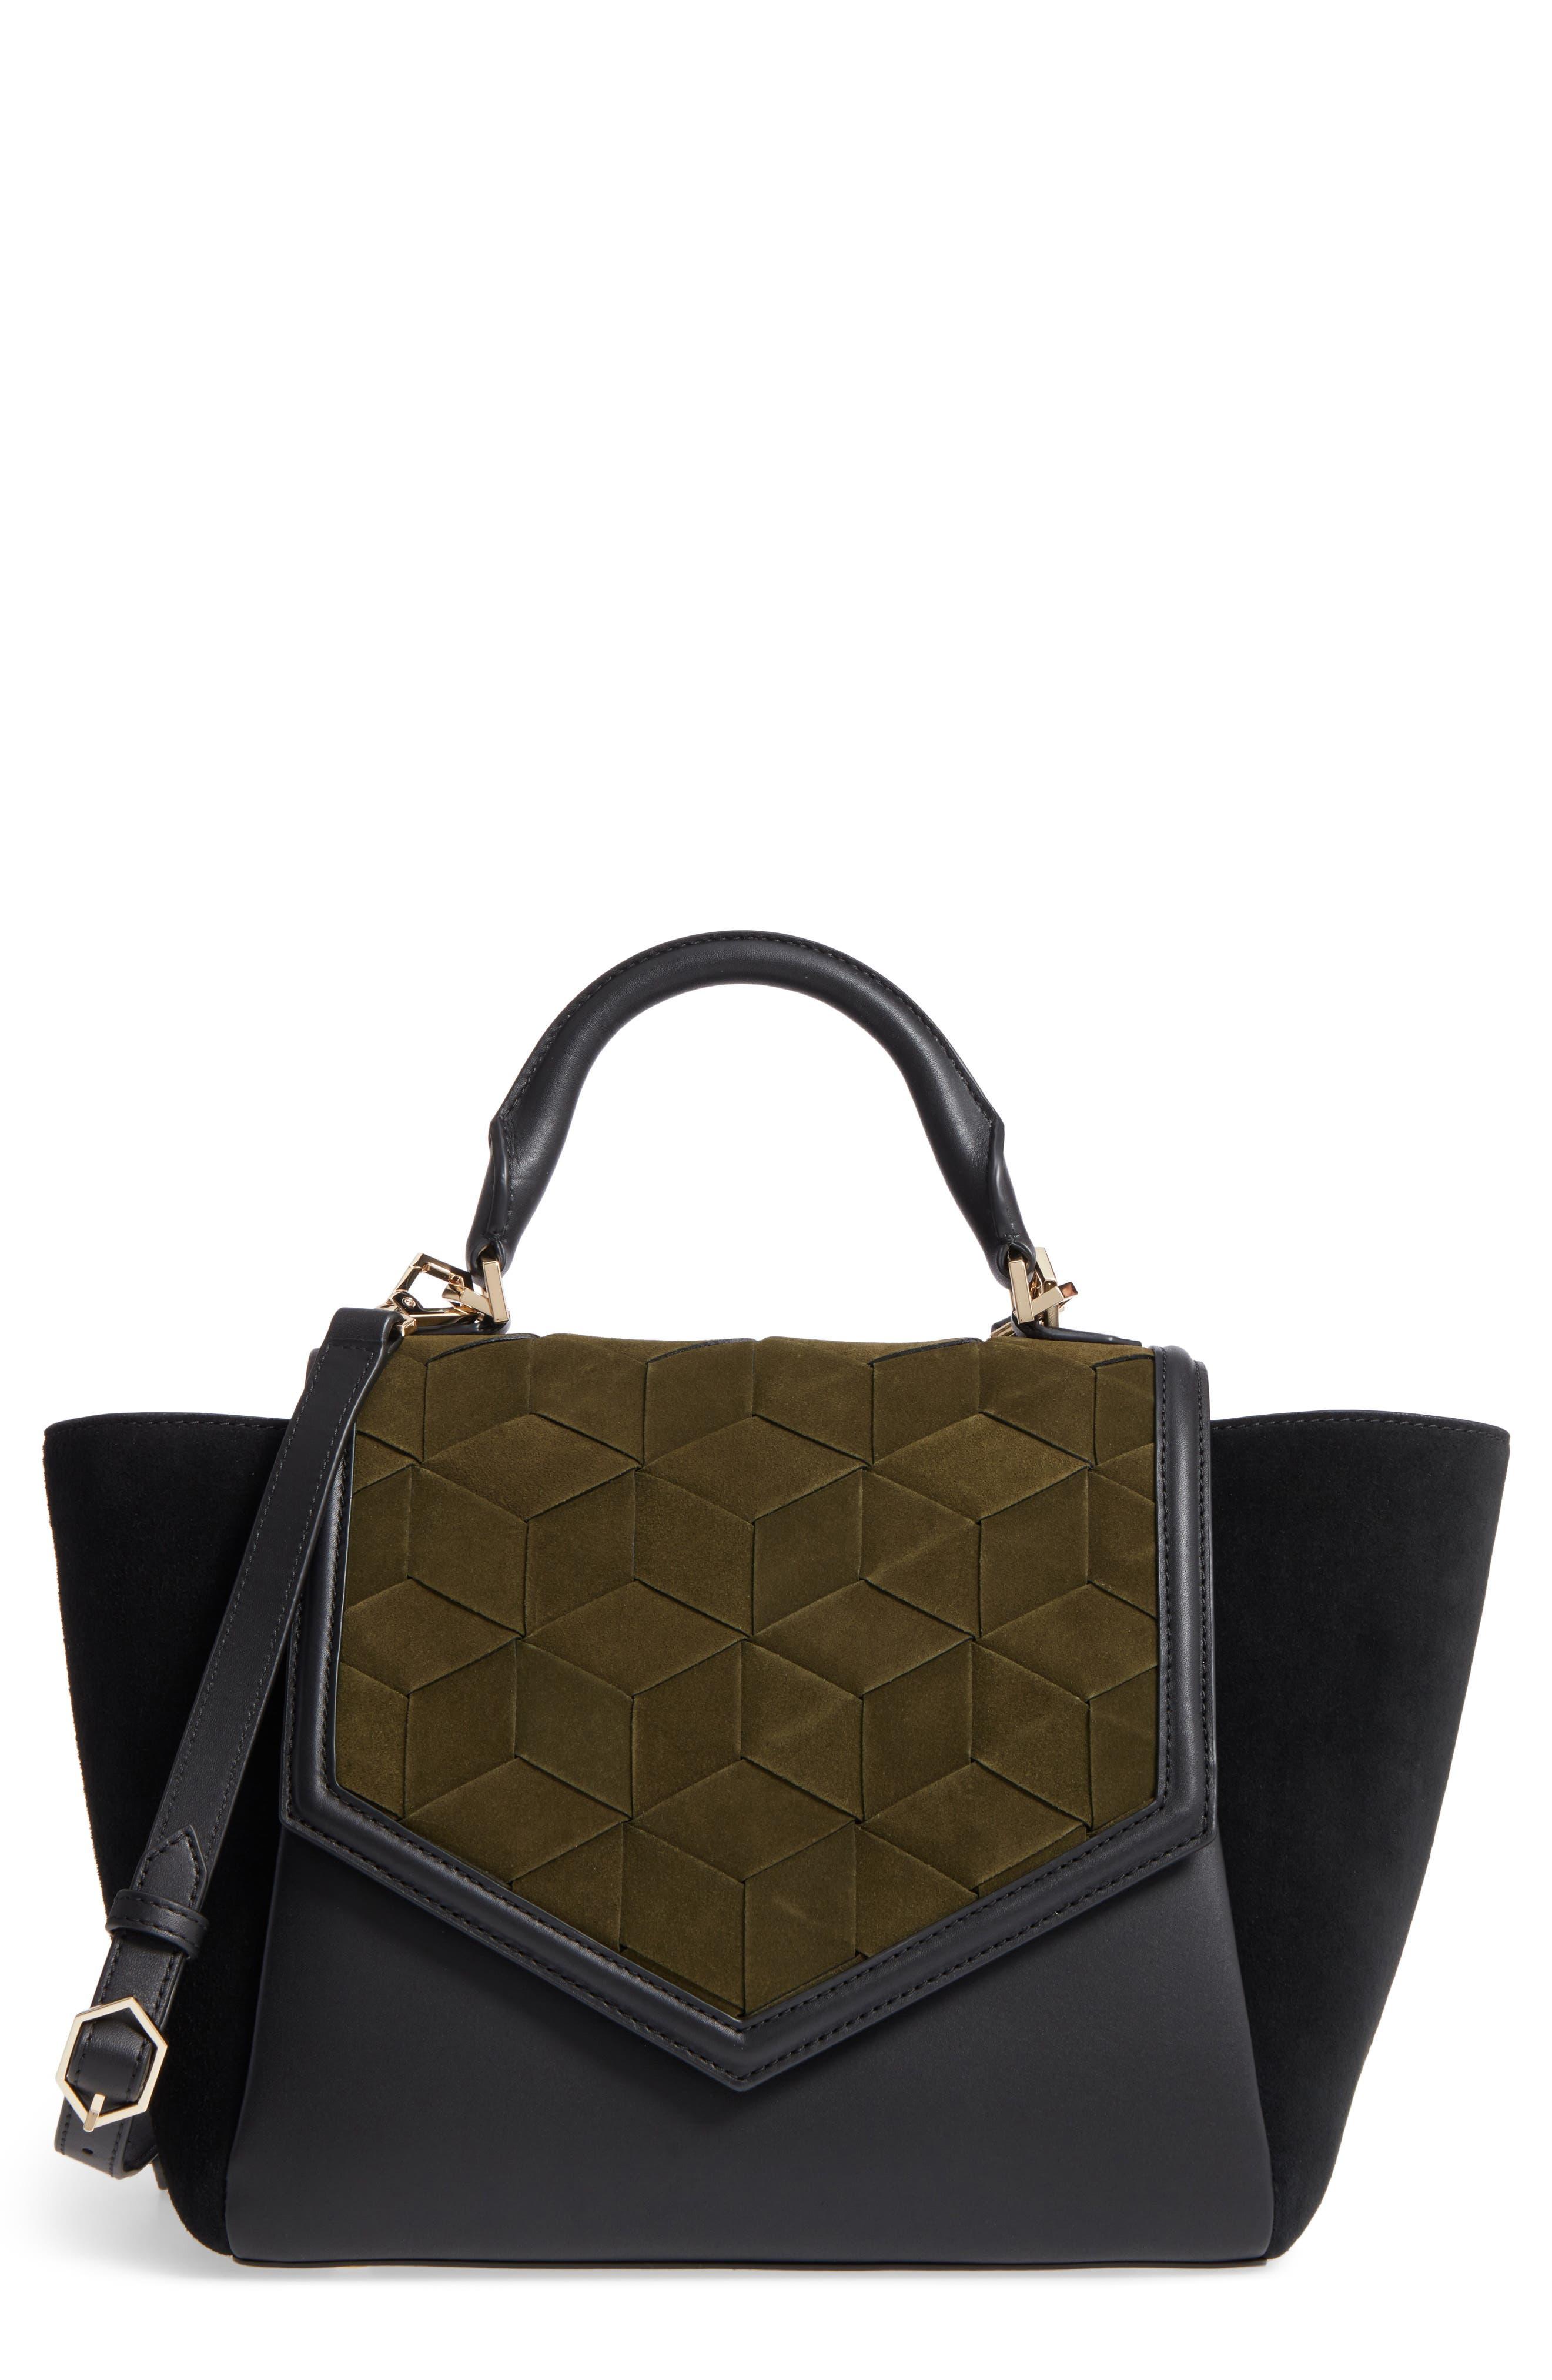 Alternate Image 1 Selected - WELDEN Saunter Colorblocked Leather & Suede Top Handle Satchel